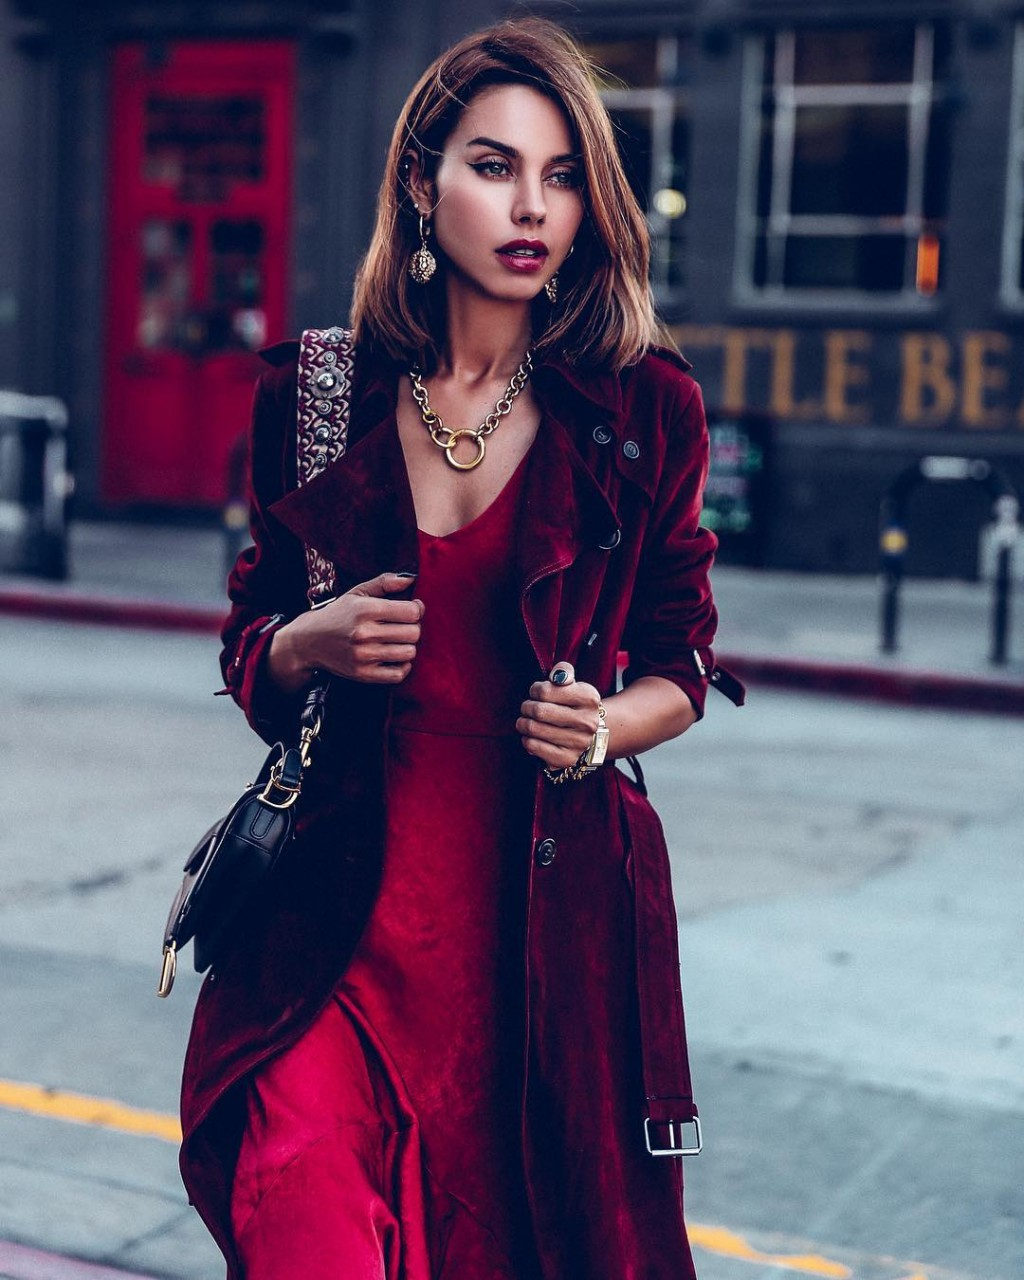 Моднице на заметку — самые трендовые модели платьев и юбок сезона весна-лето 2019